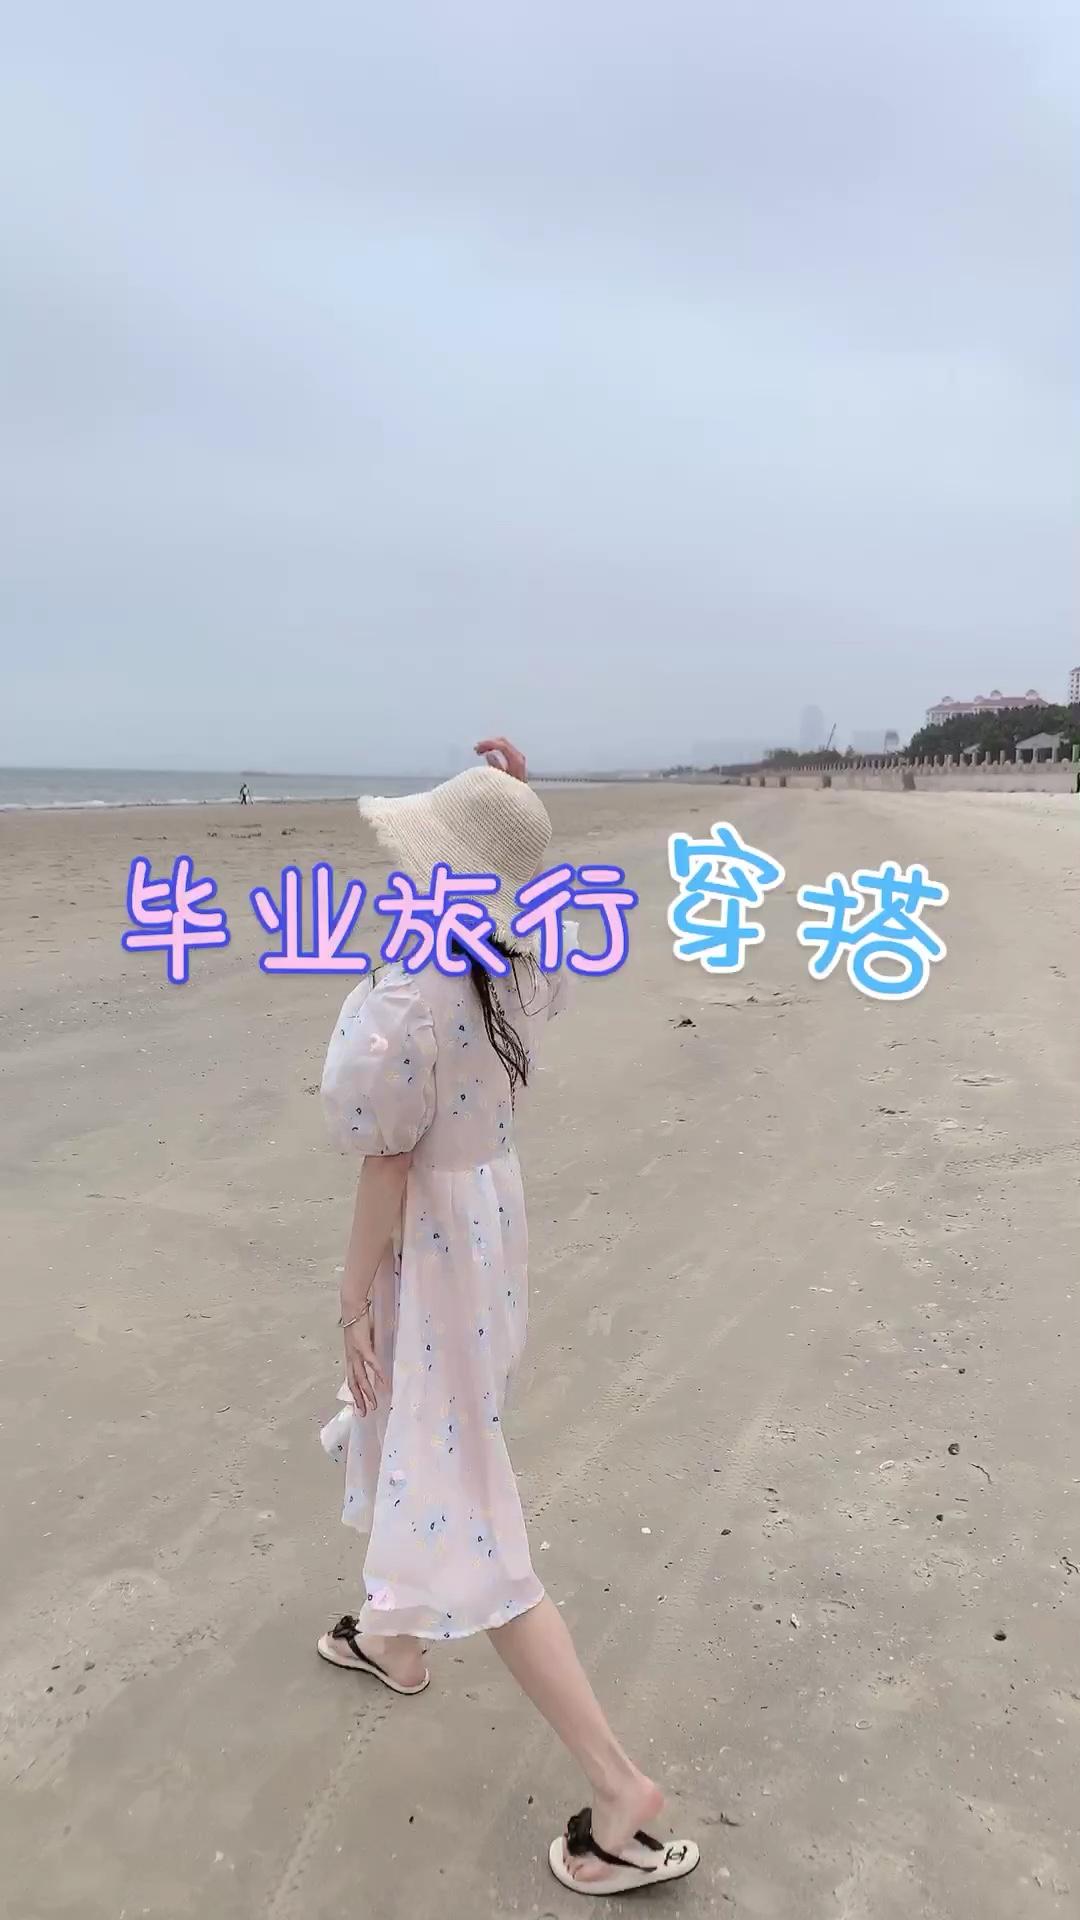 #六一少女感穿搭,猜猜我几岁?# 这件连衣裙真的太甜了, 毕业旅行必须拍照太适合啦! 海边拍照搭配这个草帽很有度假感啦!